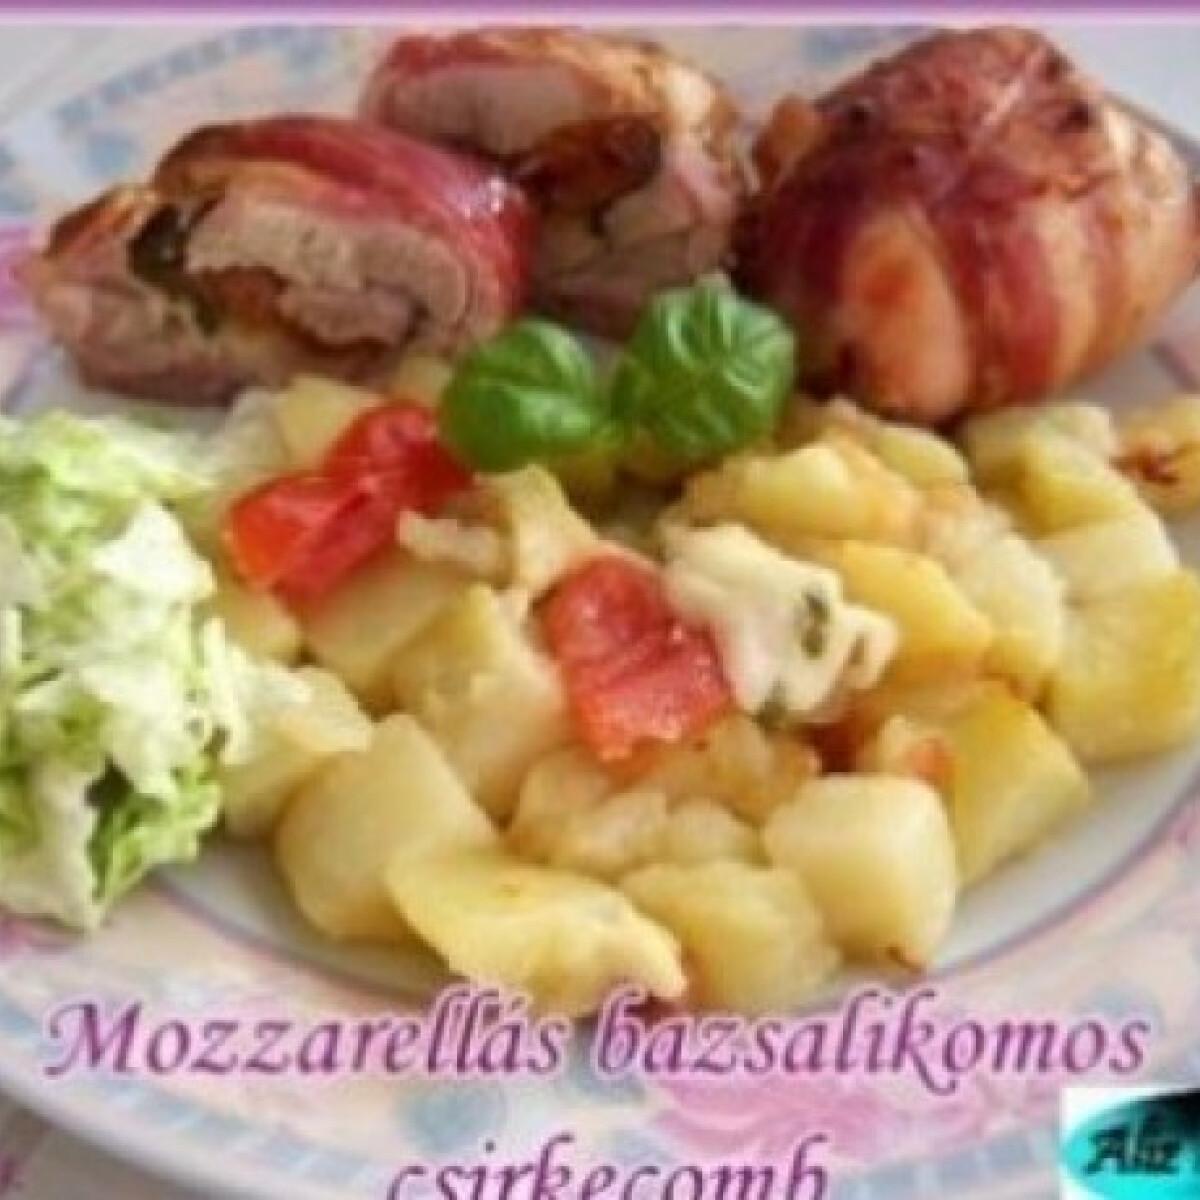 Ezen a képen: Mozzarellás-bazsalikomos csirkecomb